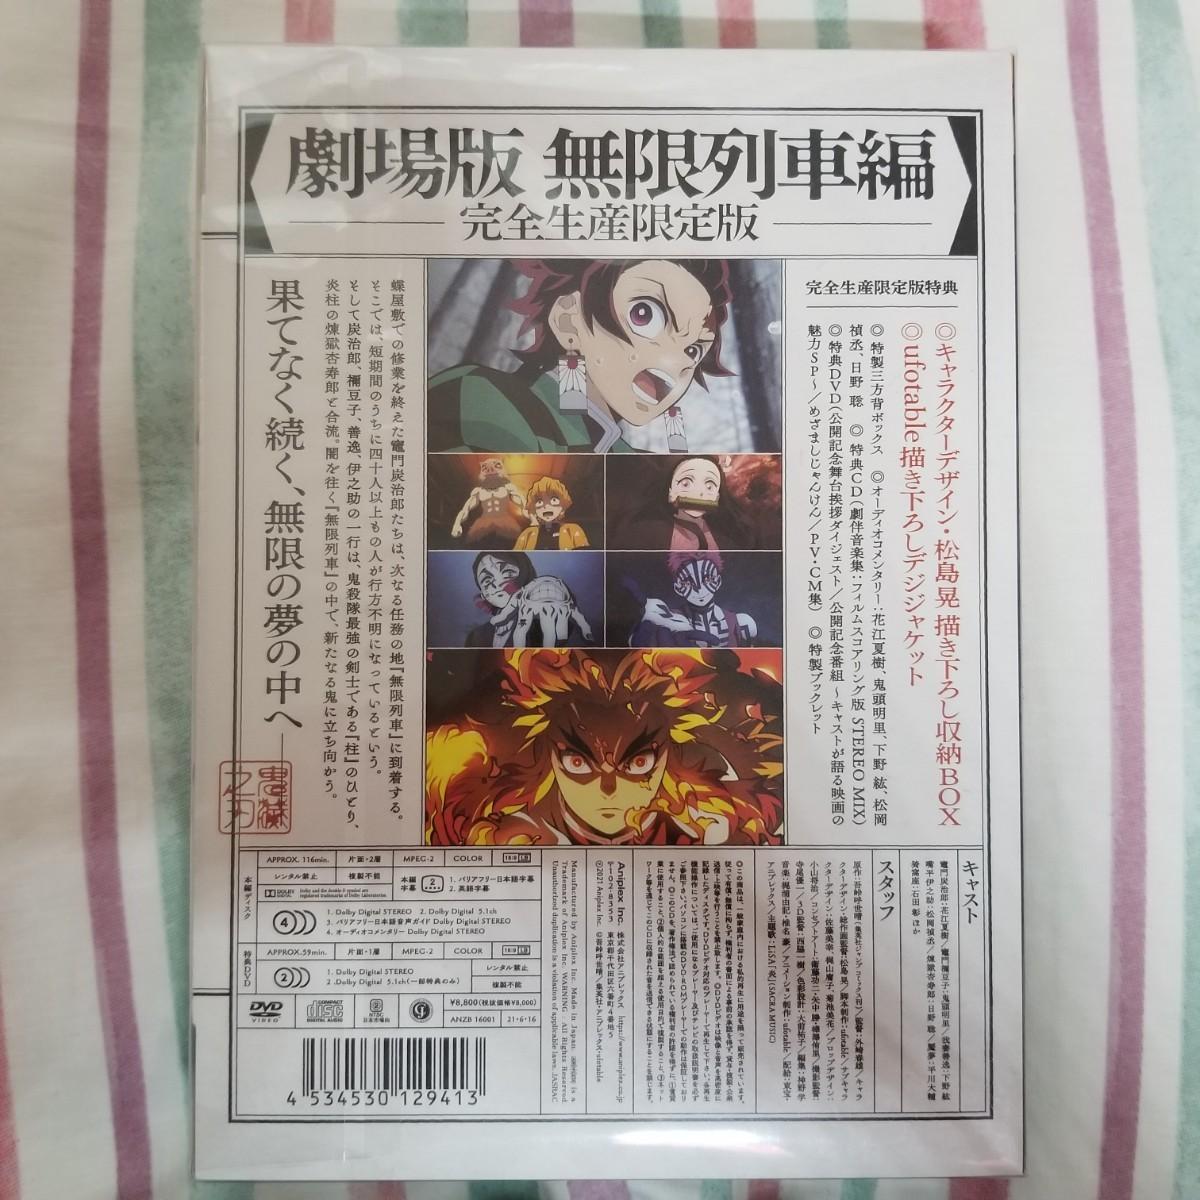 劇場版「鬼滅の刃」無限列車編(完全生産限定版) [DVD]